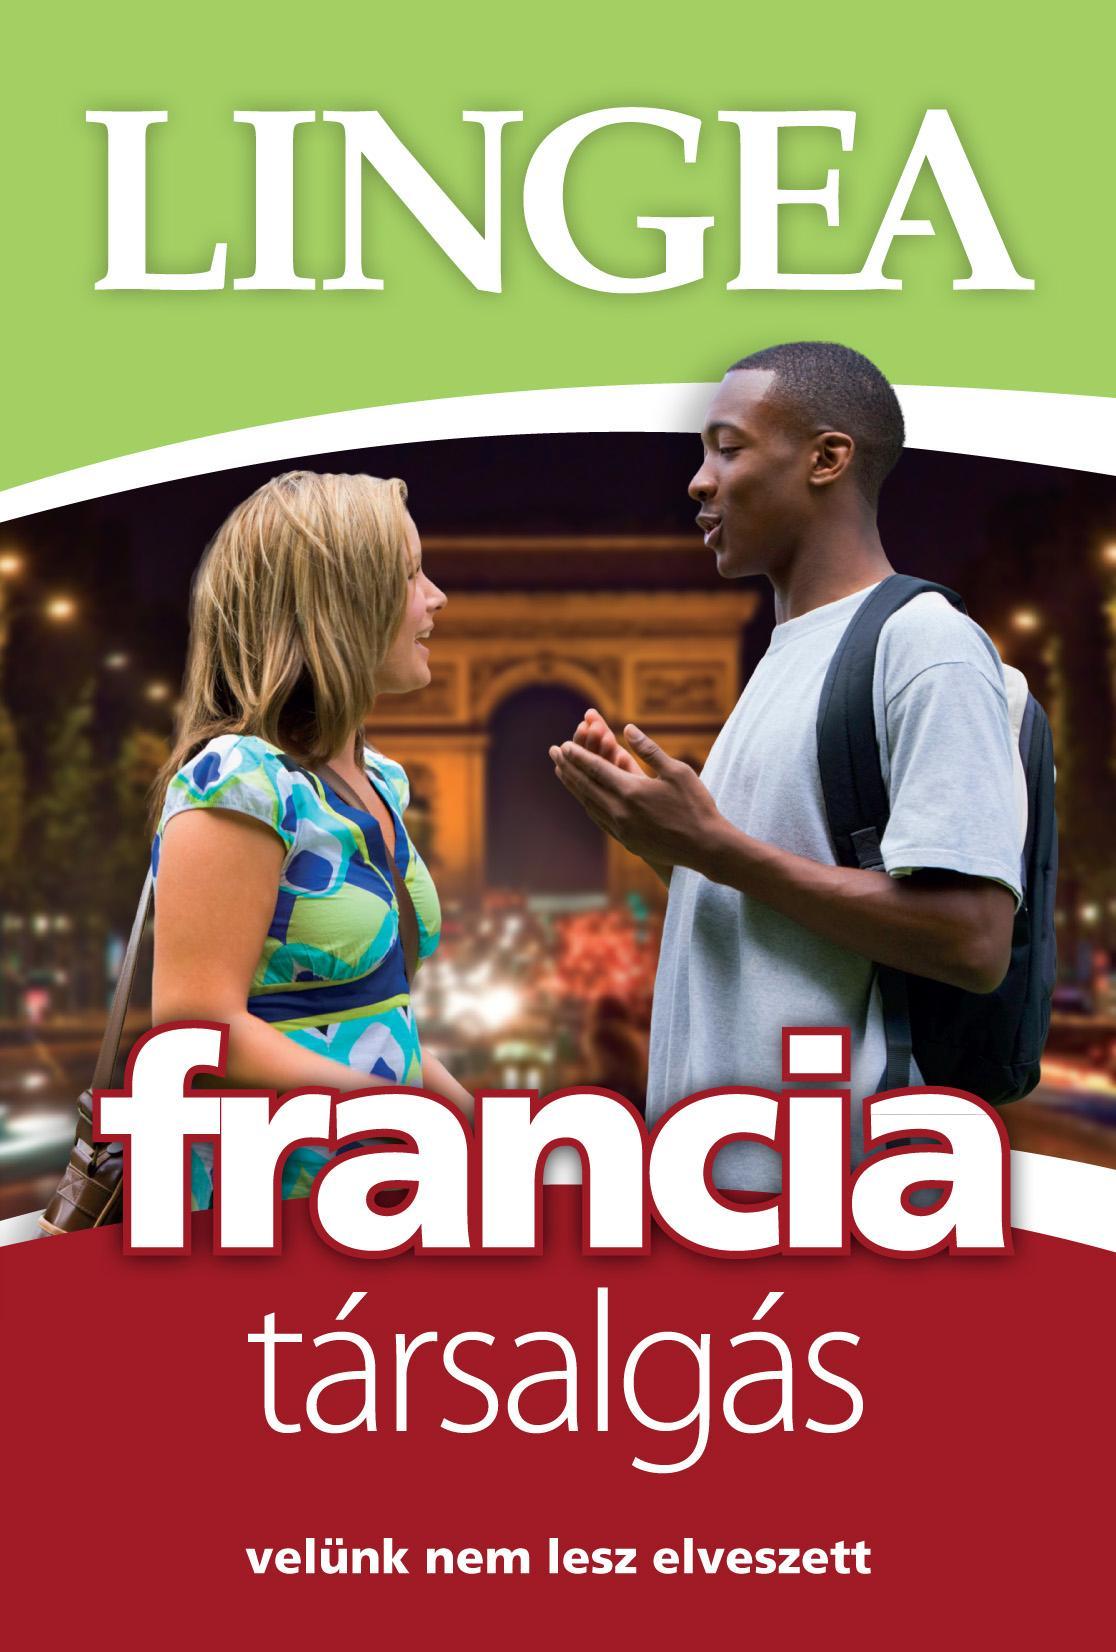 FRANCIA TÁRSALGÁS - VELÜNK NEM LESZ ELVESZETT (LIGHT)